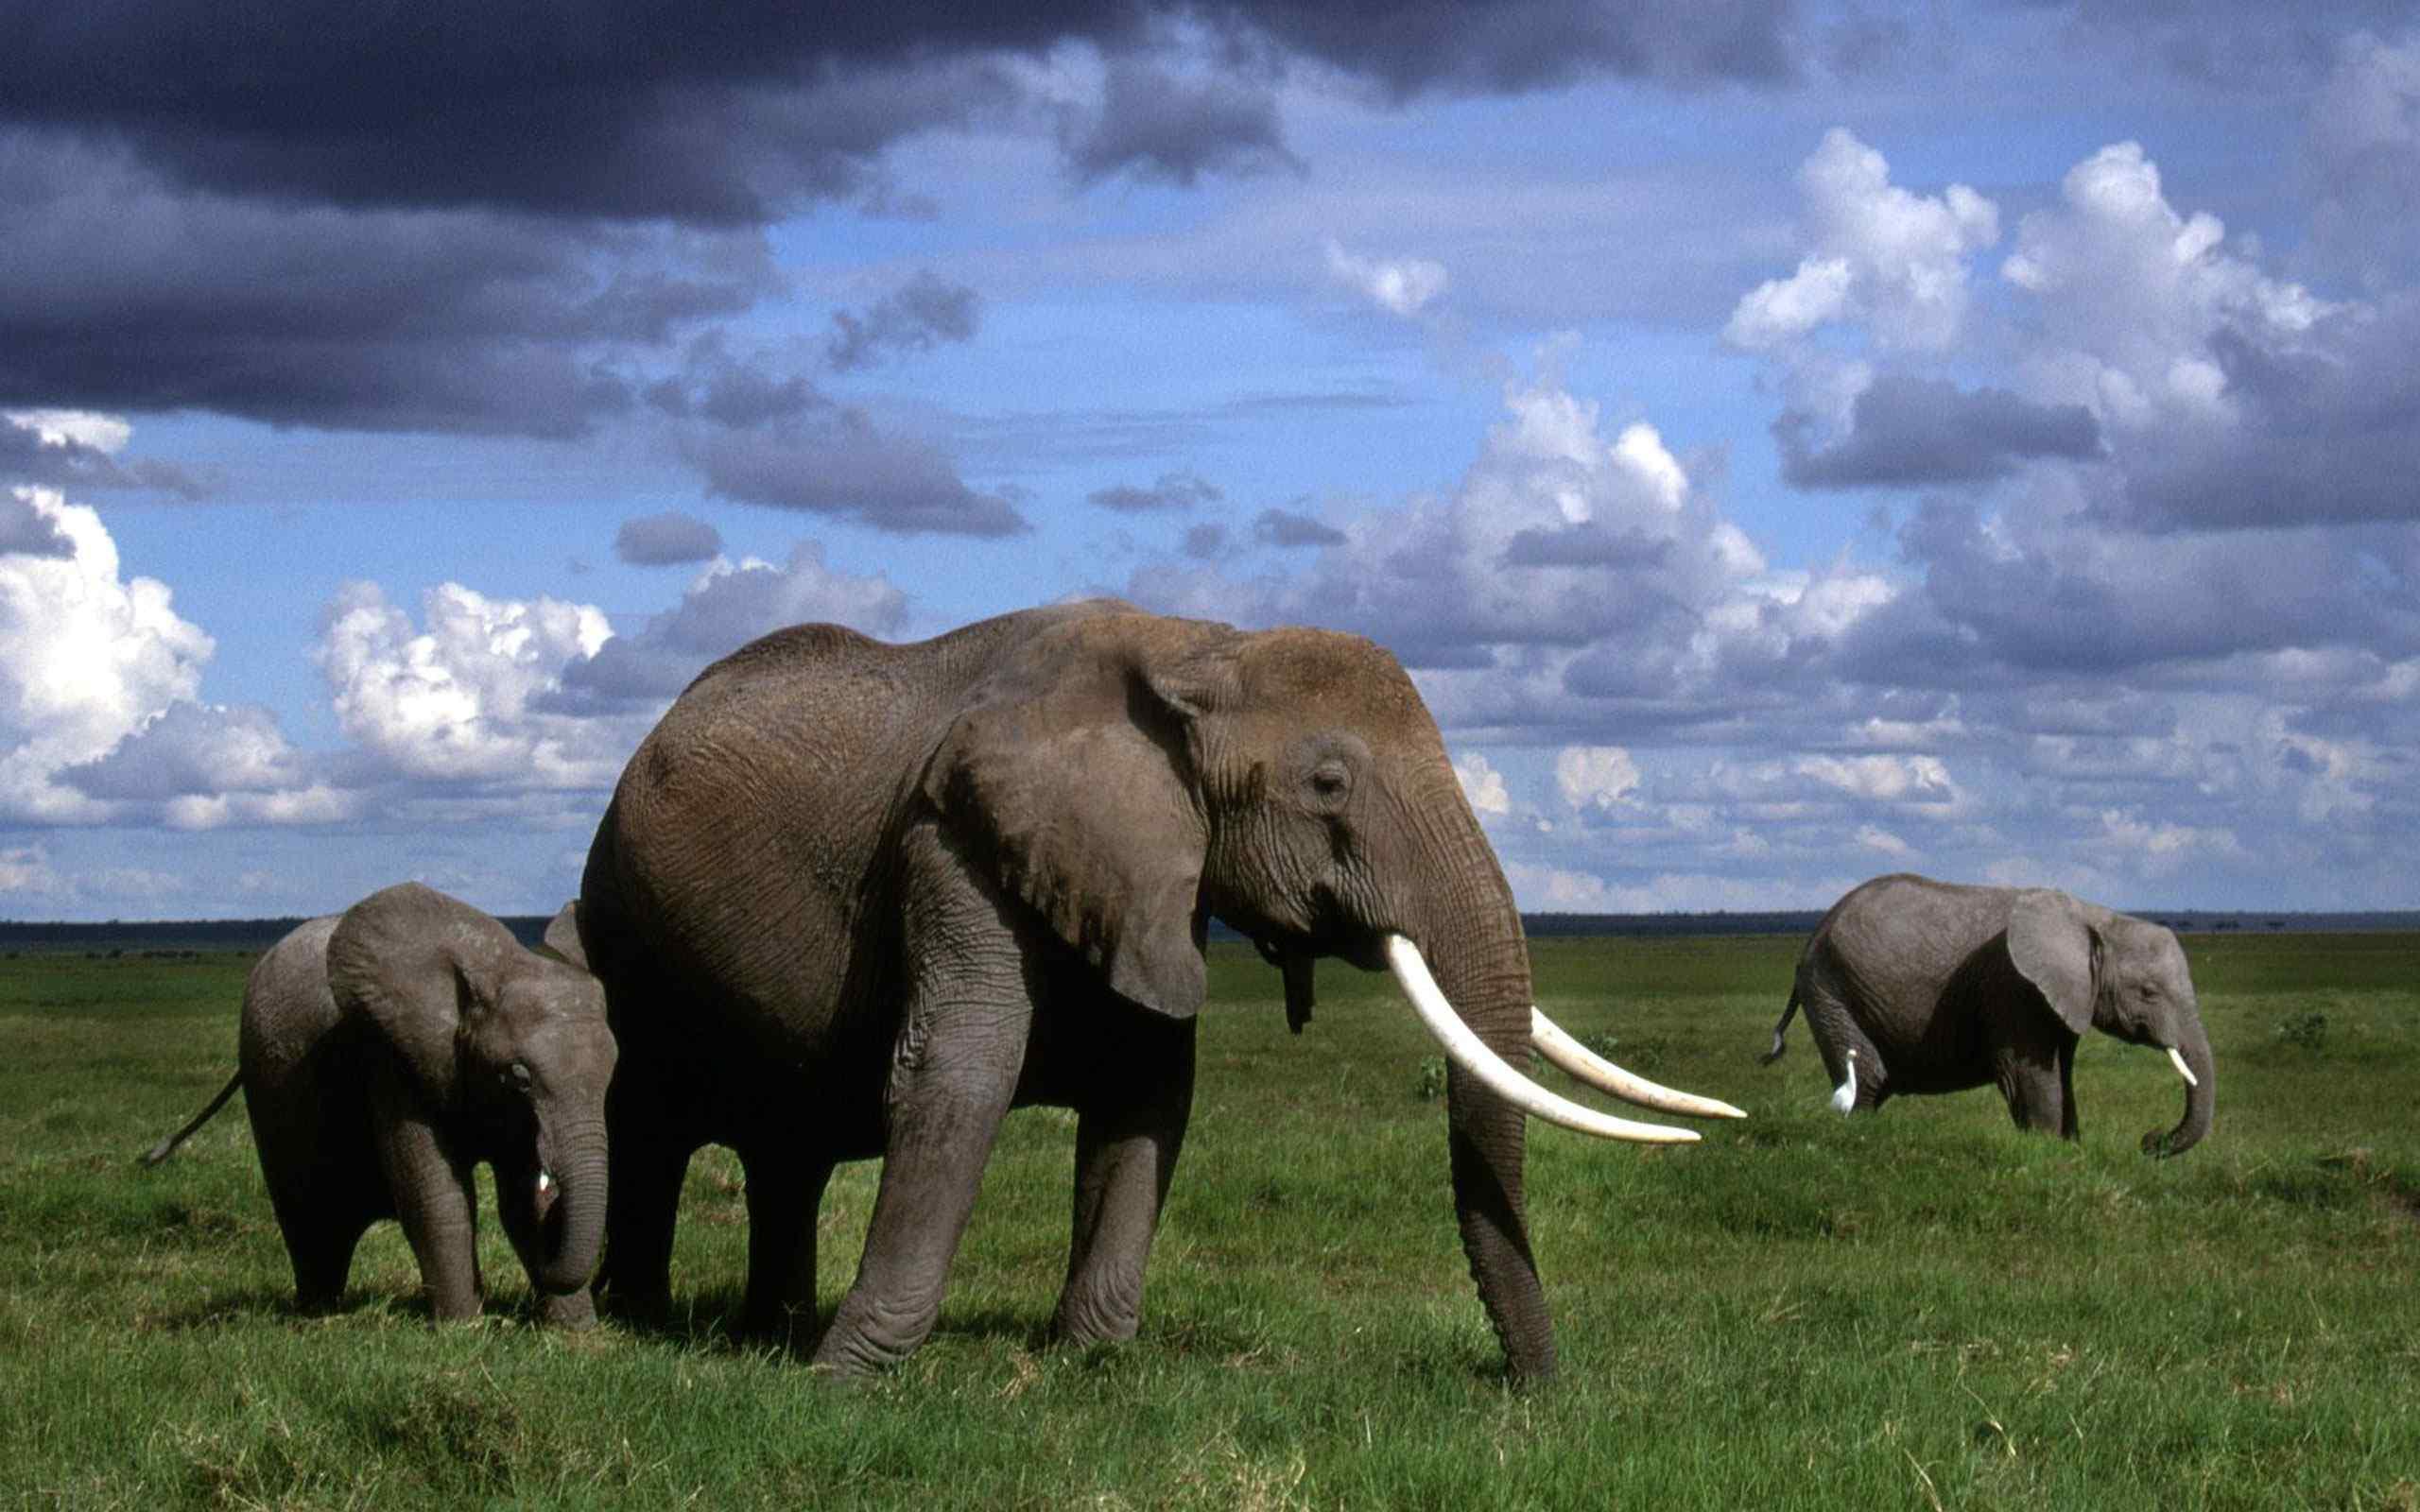 一头大象带着小象在草原行走,他们一路行走,一路觅食,长长的鼻子,大大的耳朵,高大的身材,非洲人都喜欢骑在大象背上,要是你也非常喜欢大象,那就到桌面天下下载,记得分享给你的好朋友!桌面天下为您提供明星、美女、游戏、卡通、系统壁纸等,桌面天下把这套桌面壁纸推荐给您,让您更快的找到您想要的桌面壁纸!